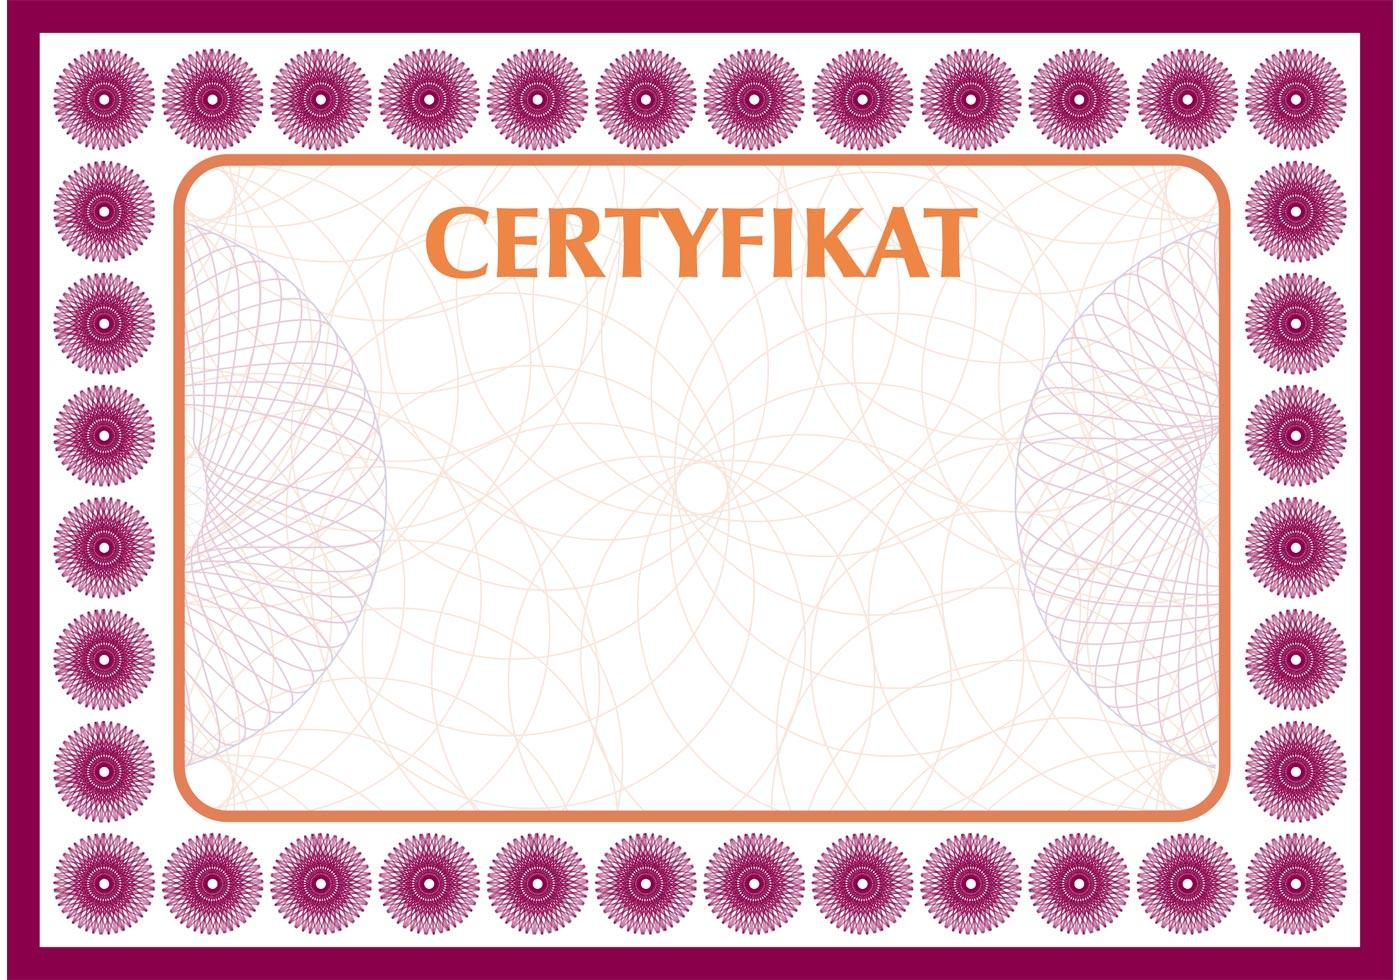 Certificate Vector | Free Vector Art at Vecteezy!